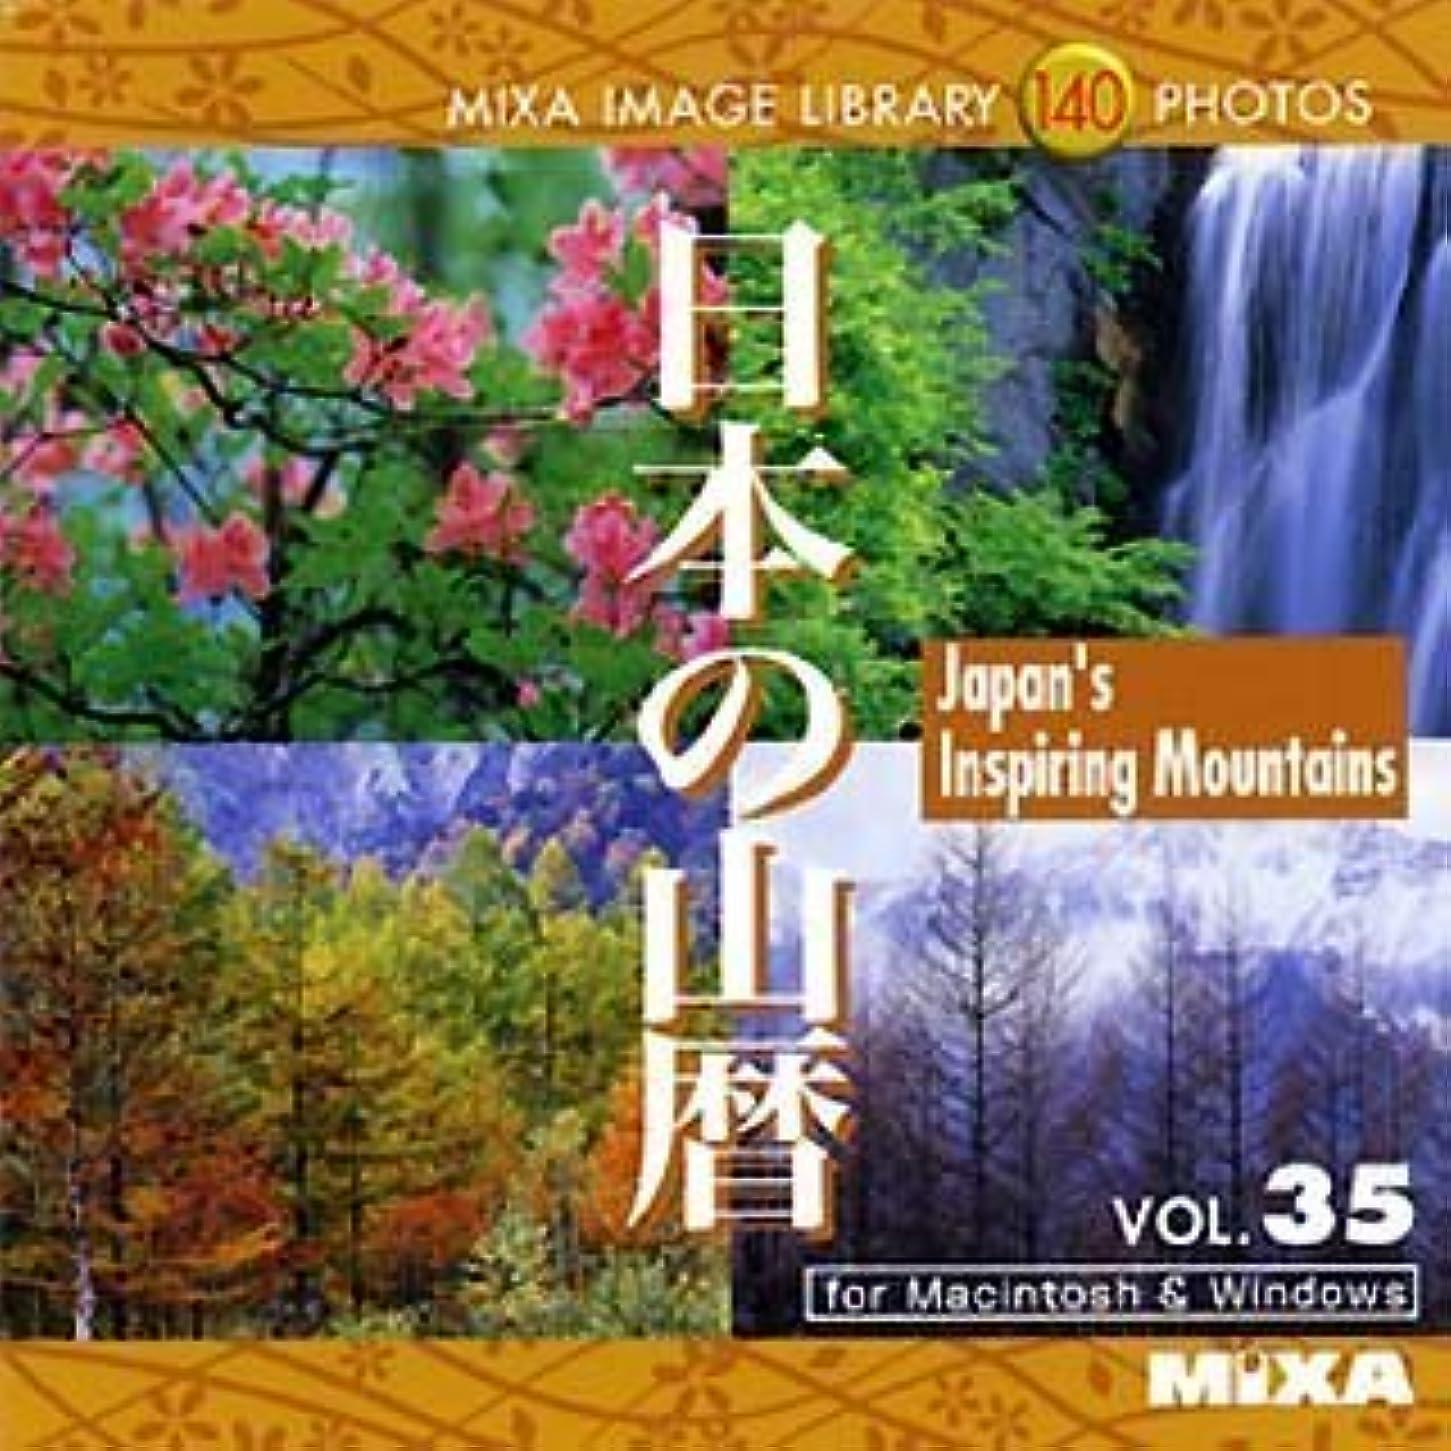 雄弁家受け皿失敗MIXA IMAGE LIBRARY Vol.35 日本の山暦